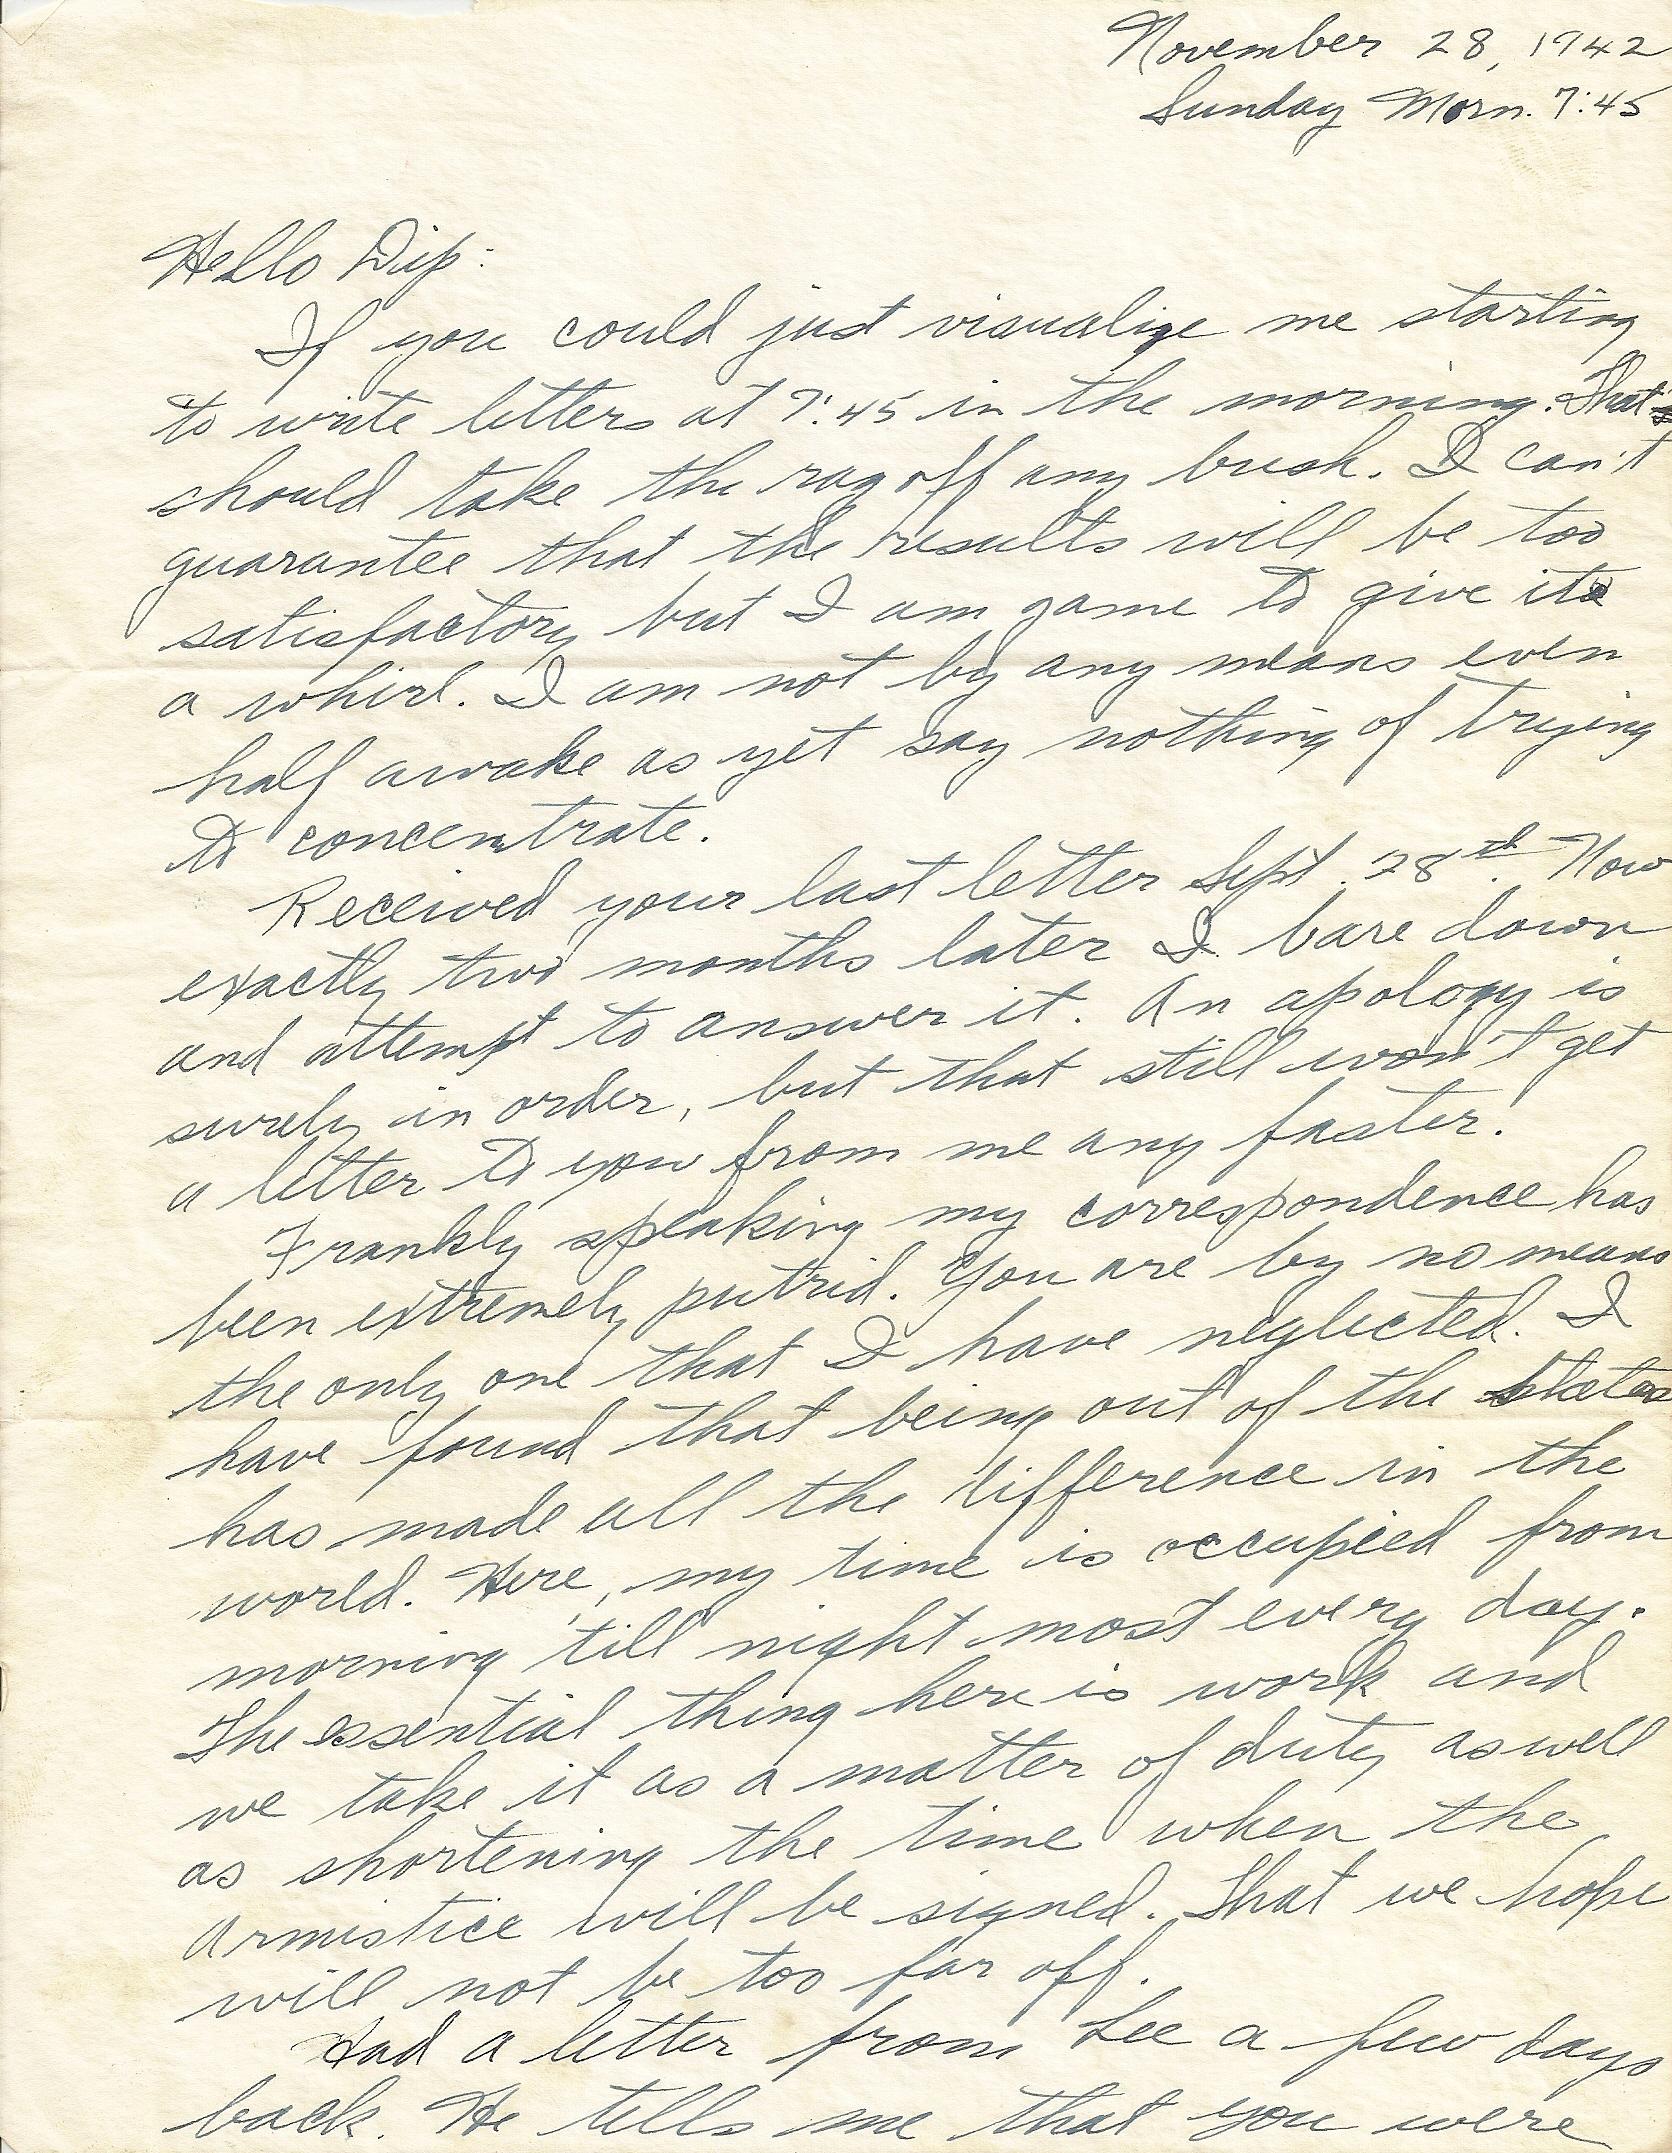 RI11.28.1942a.jpg